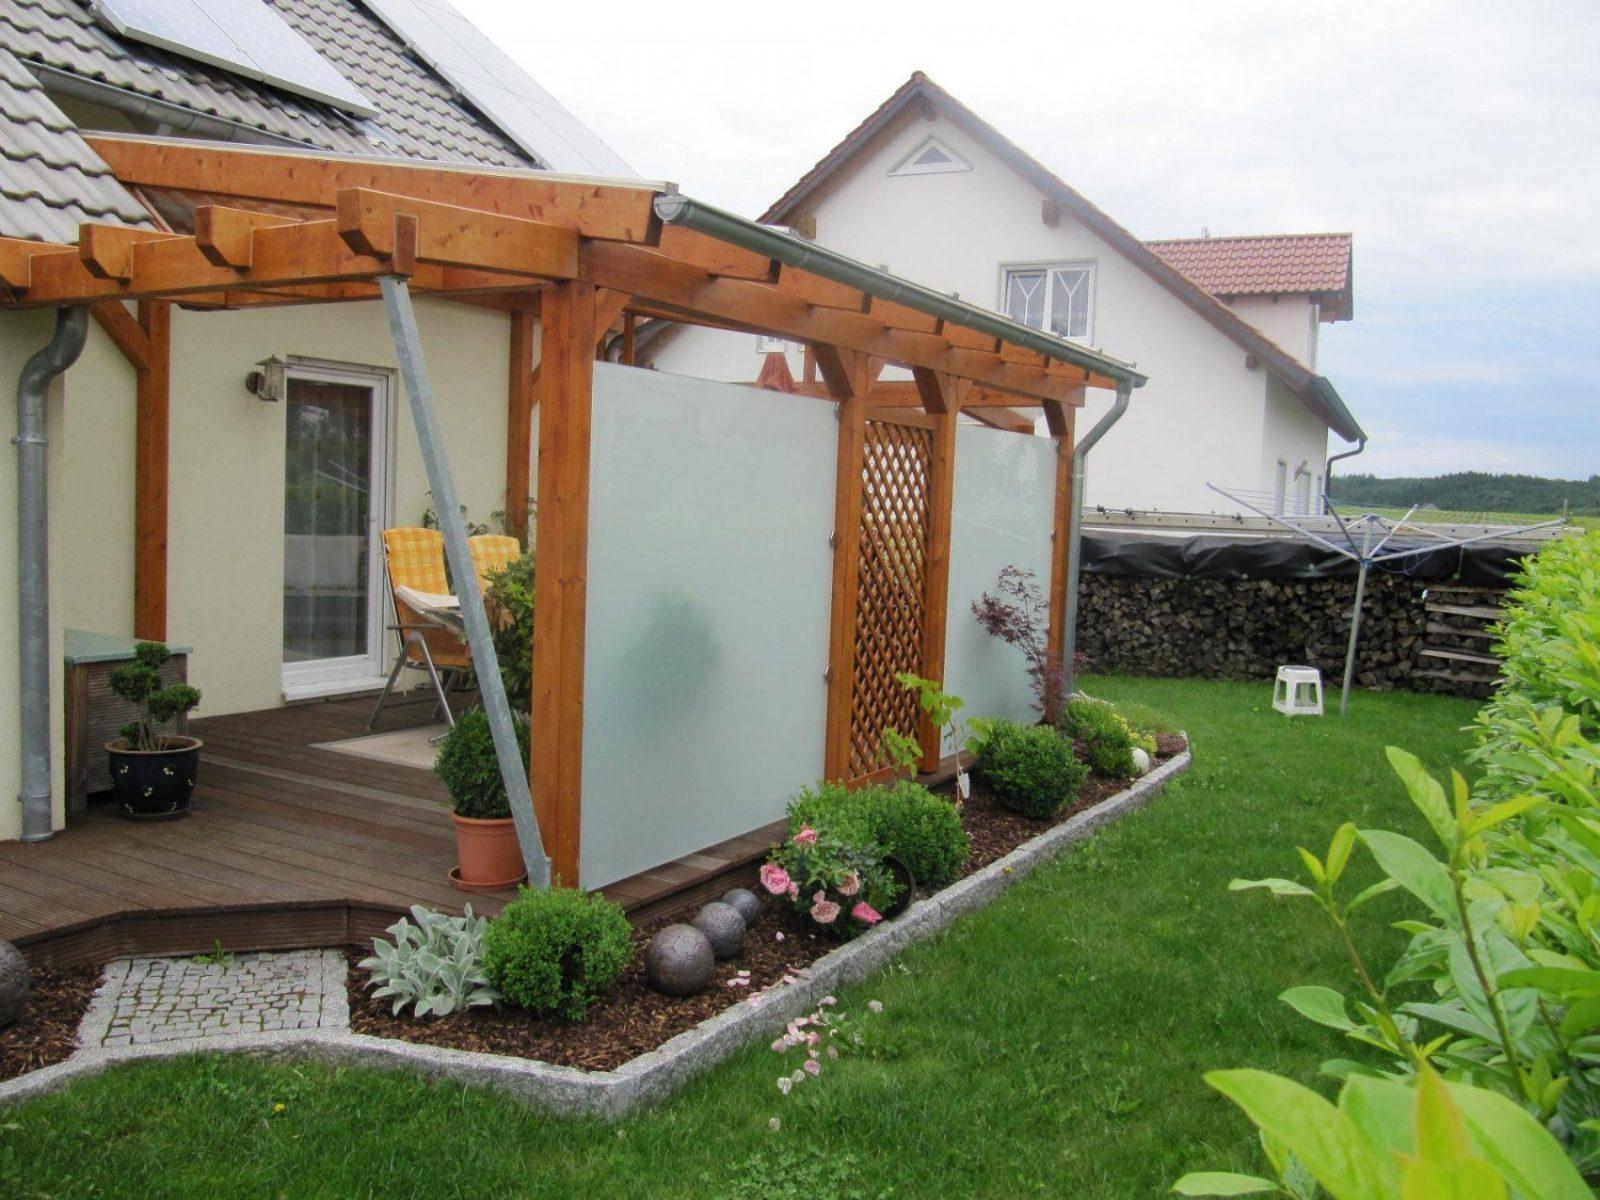 Beste Terrassenüberdachung Selber Bauen Von Seitenwand Für von Seitenwand Für Terrassenüberdachung Selber Bauen Bild